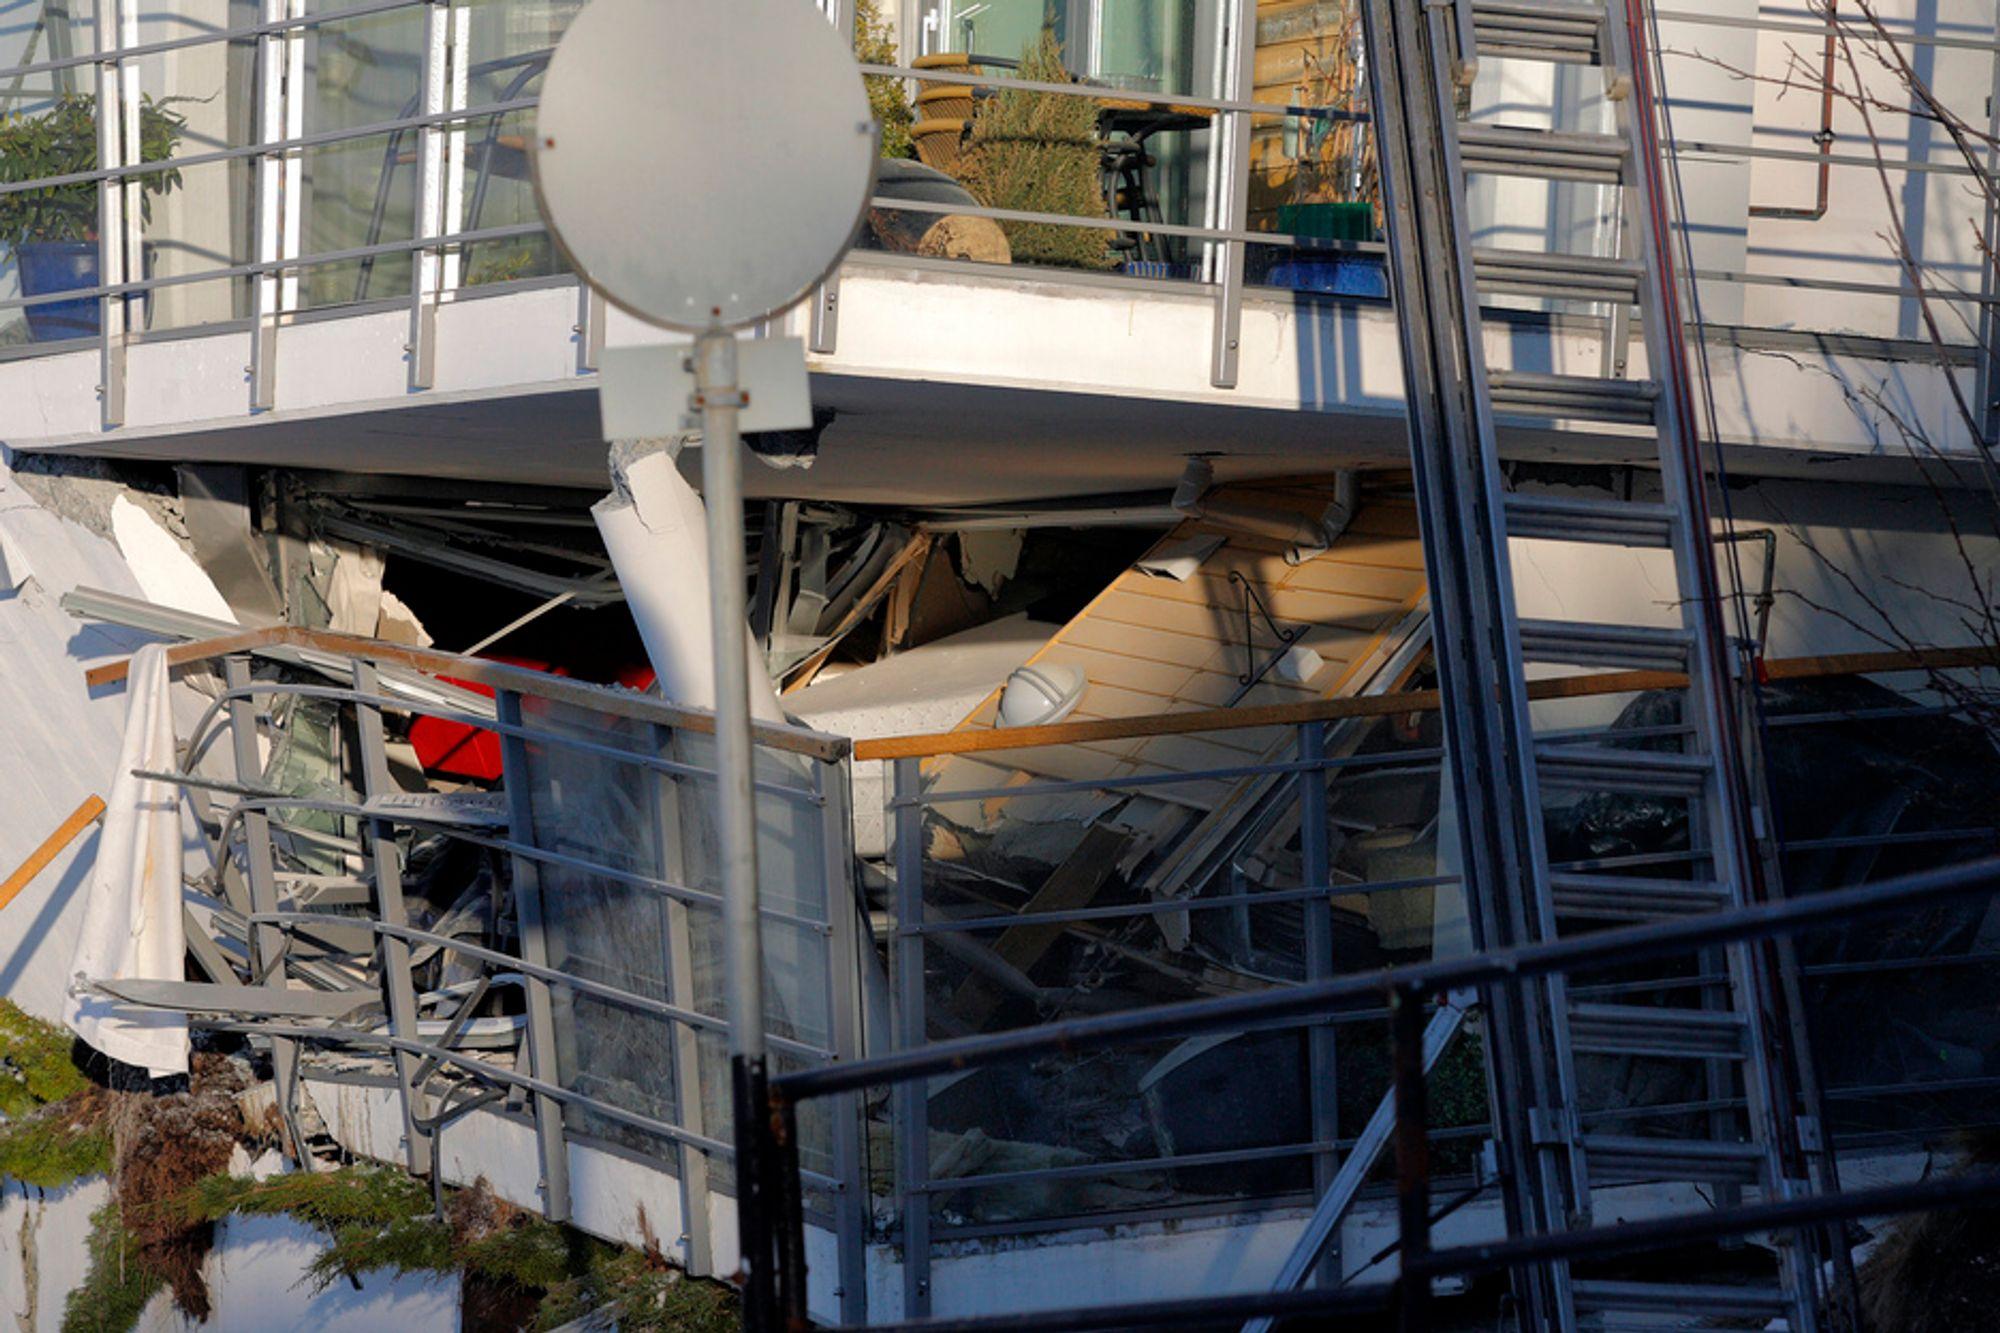 BLIR DYRT: Store ødeleggelser på boligblokken som kollapset i Fjelltunveien i Ålesund natt til onsdag.